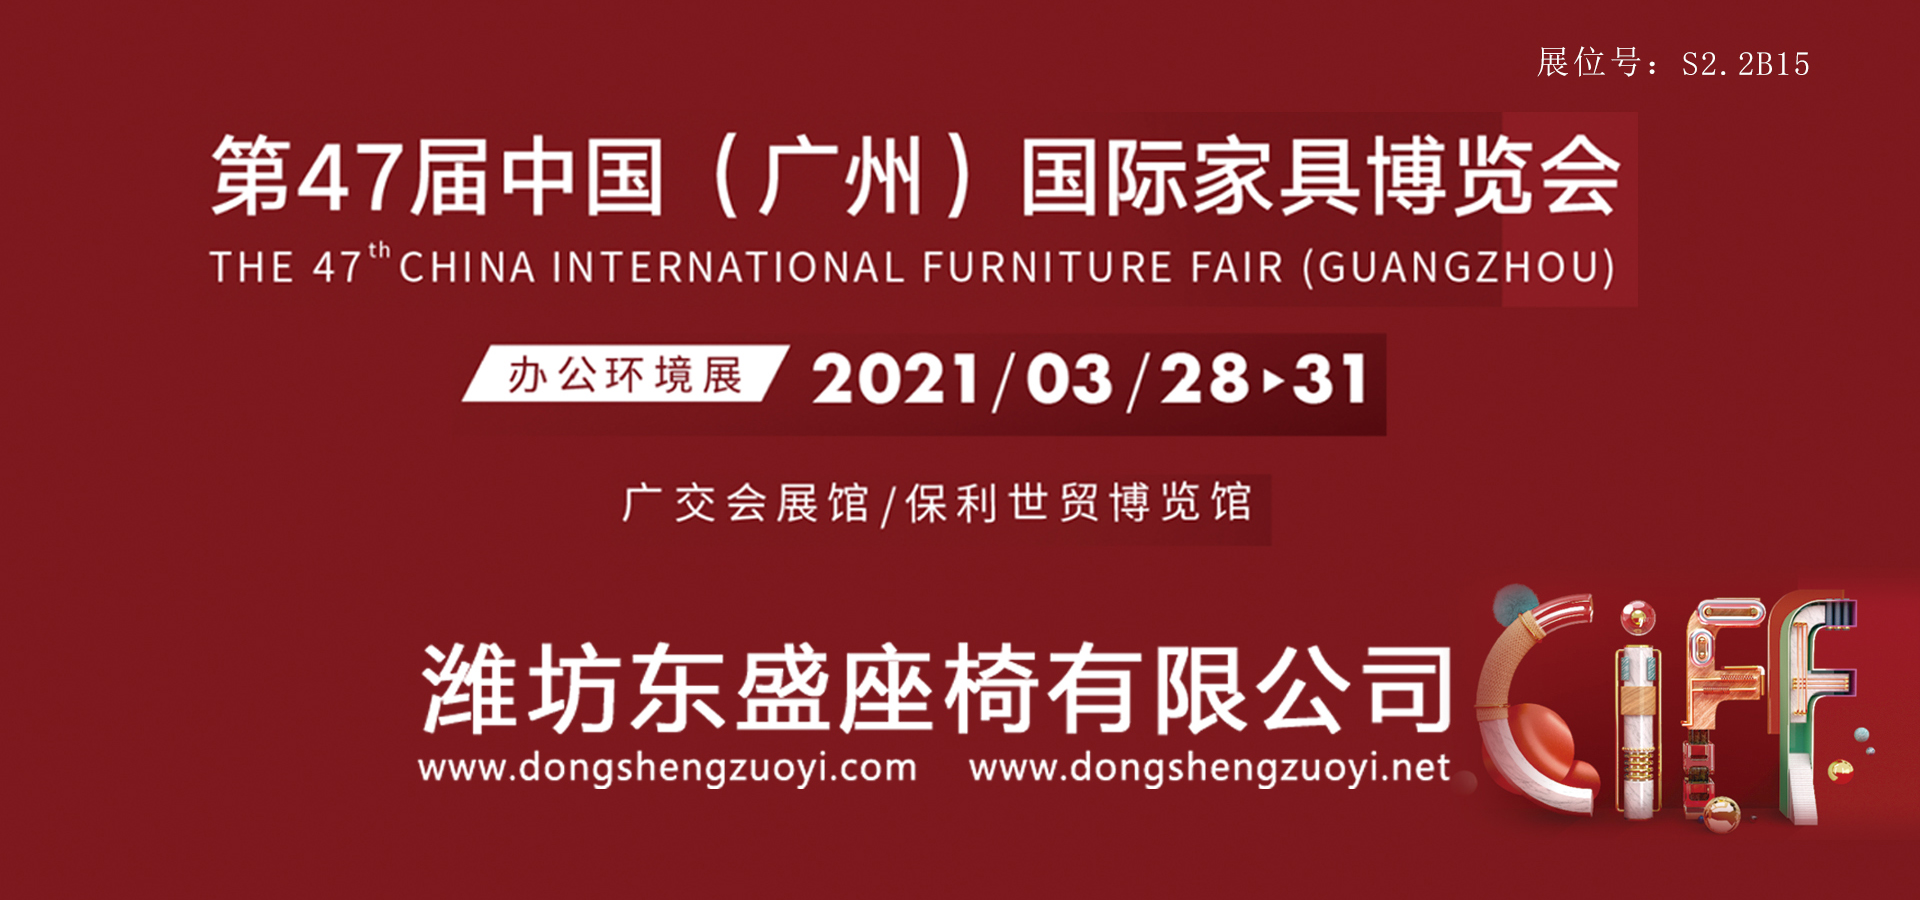 潍坊东盛座-2021年第47届中国(广州)国际家具博览会